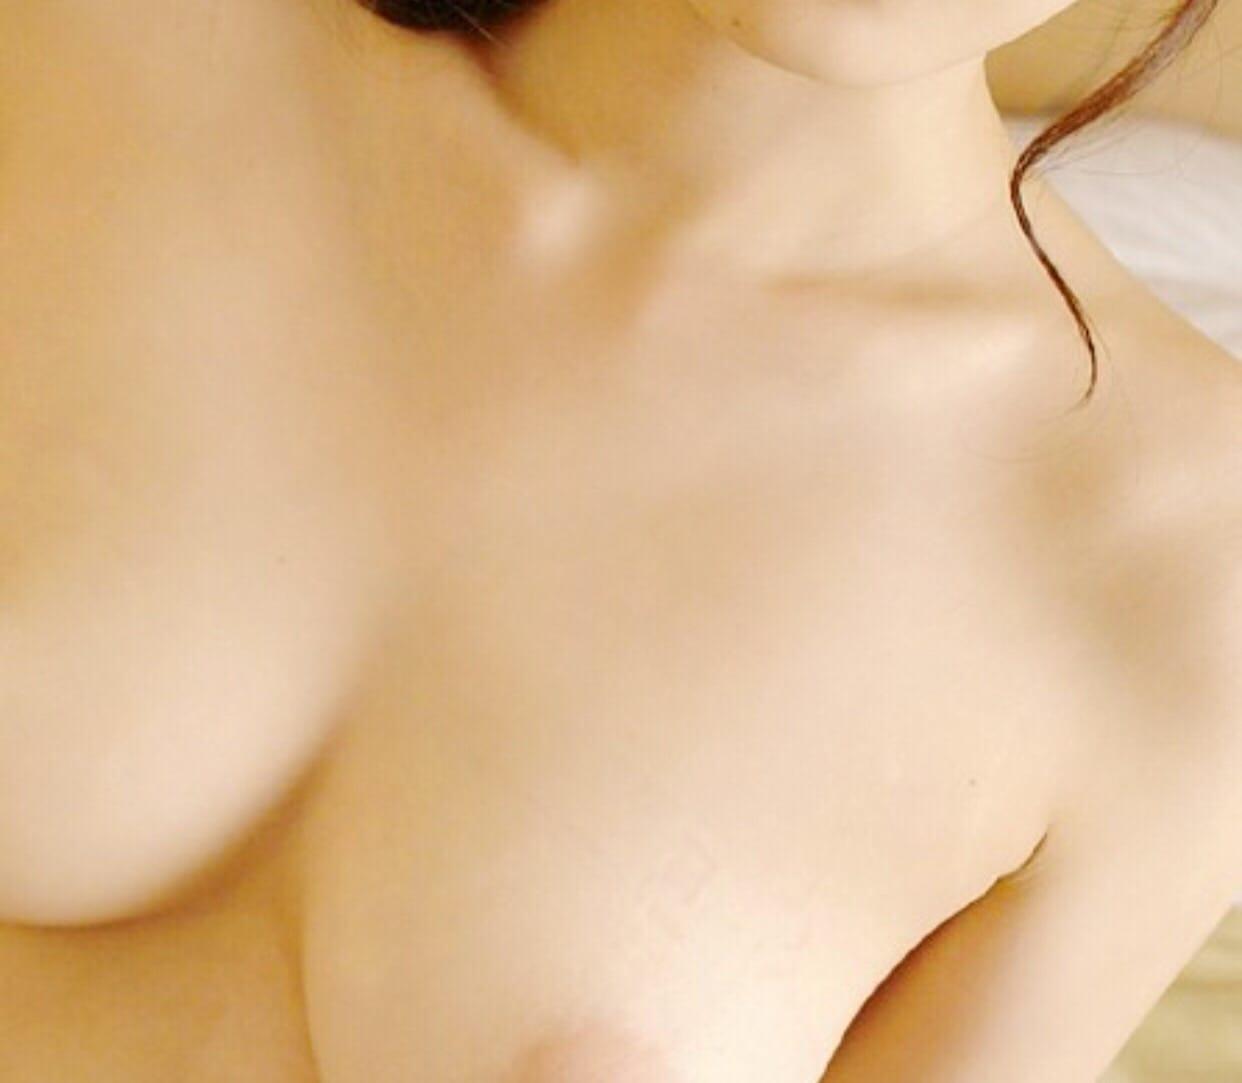 「おでんわまってます❤️」02/05(02/05) 01:41 | マリアの写メ・風俗動画